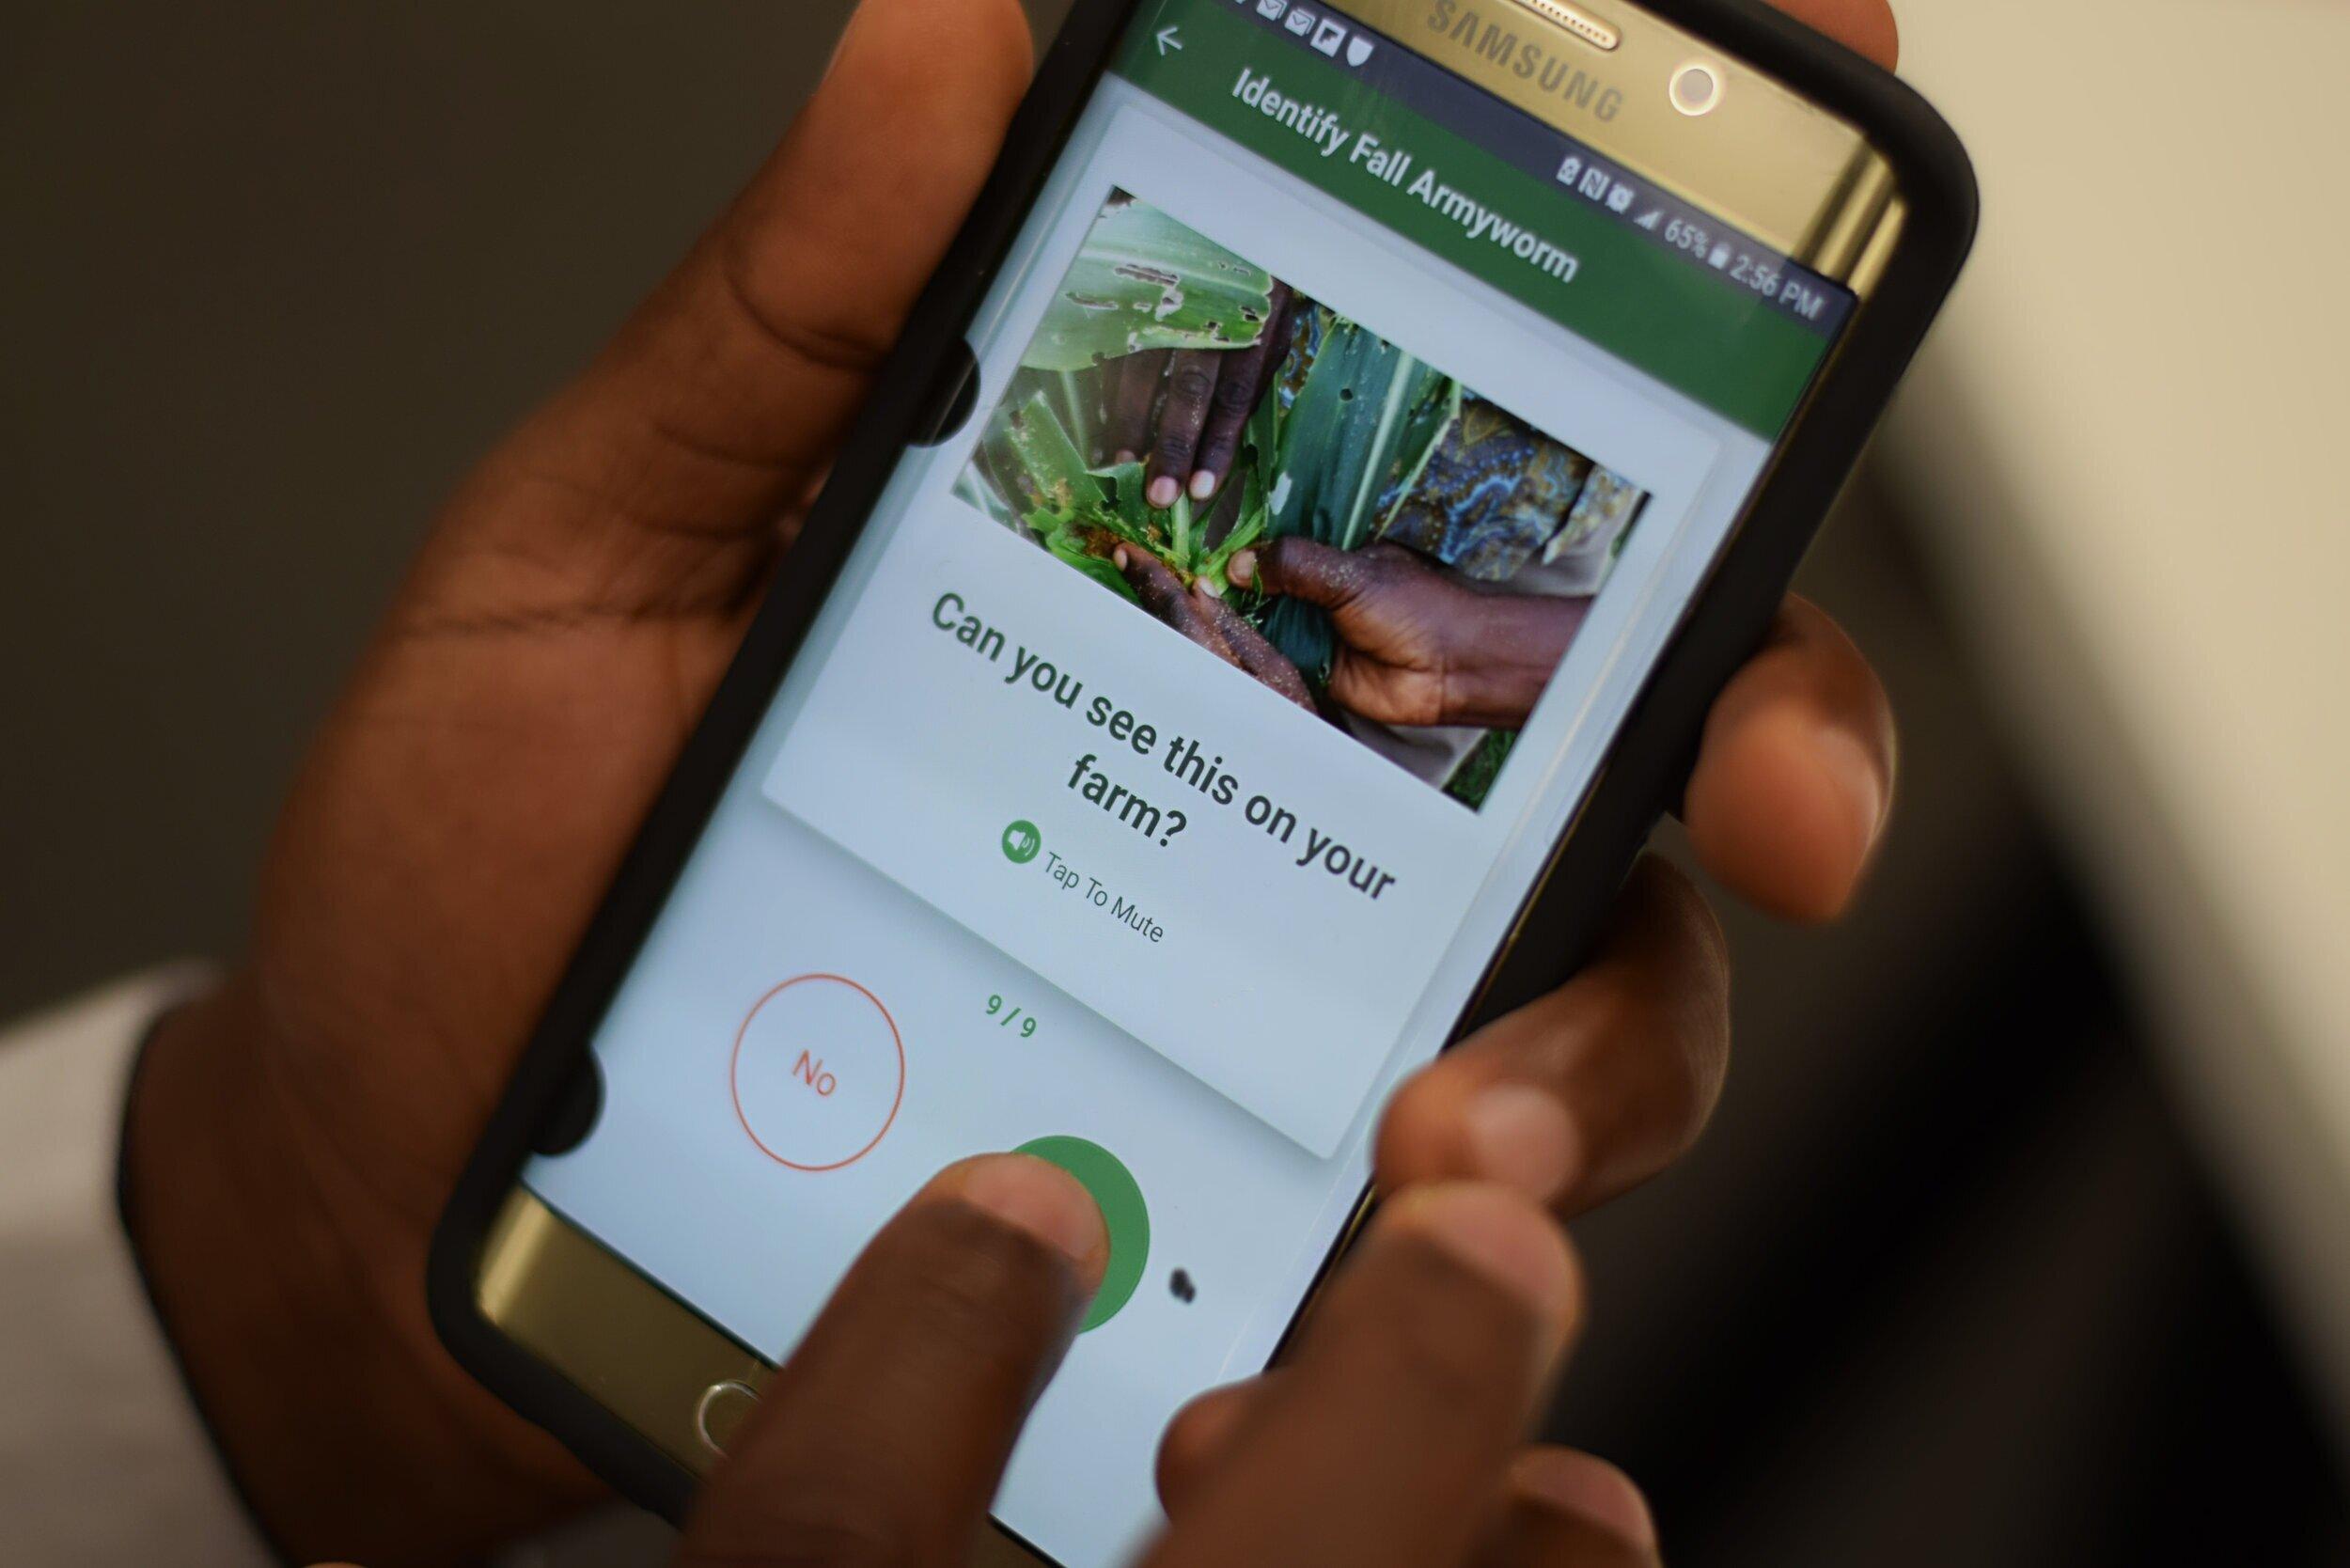 Our award-winning Cornbot app